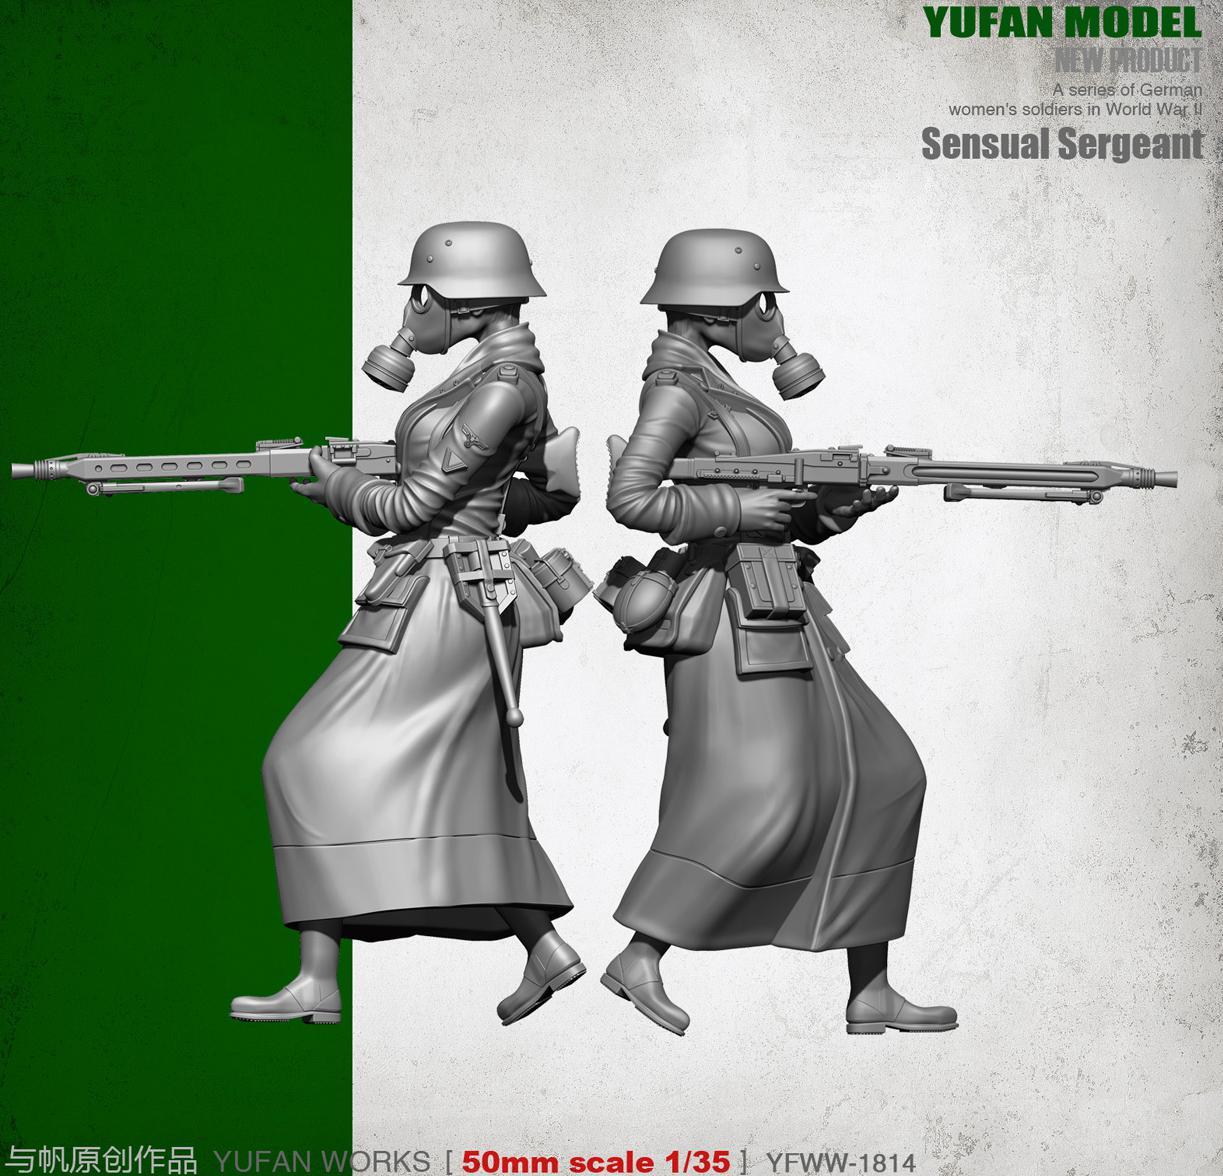 Yufan Model 1/35 German Figura Original Beauty Machine Gunners Resin Soldier YFWW35-1814